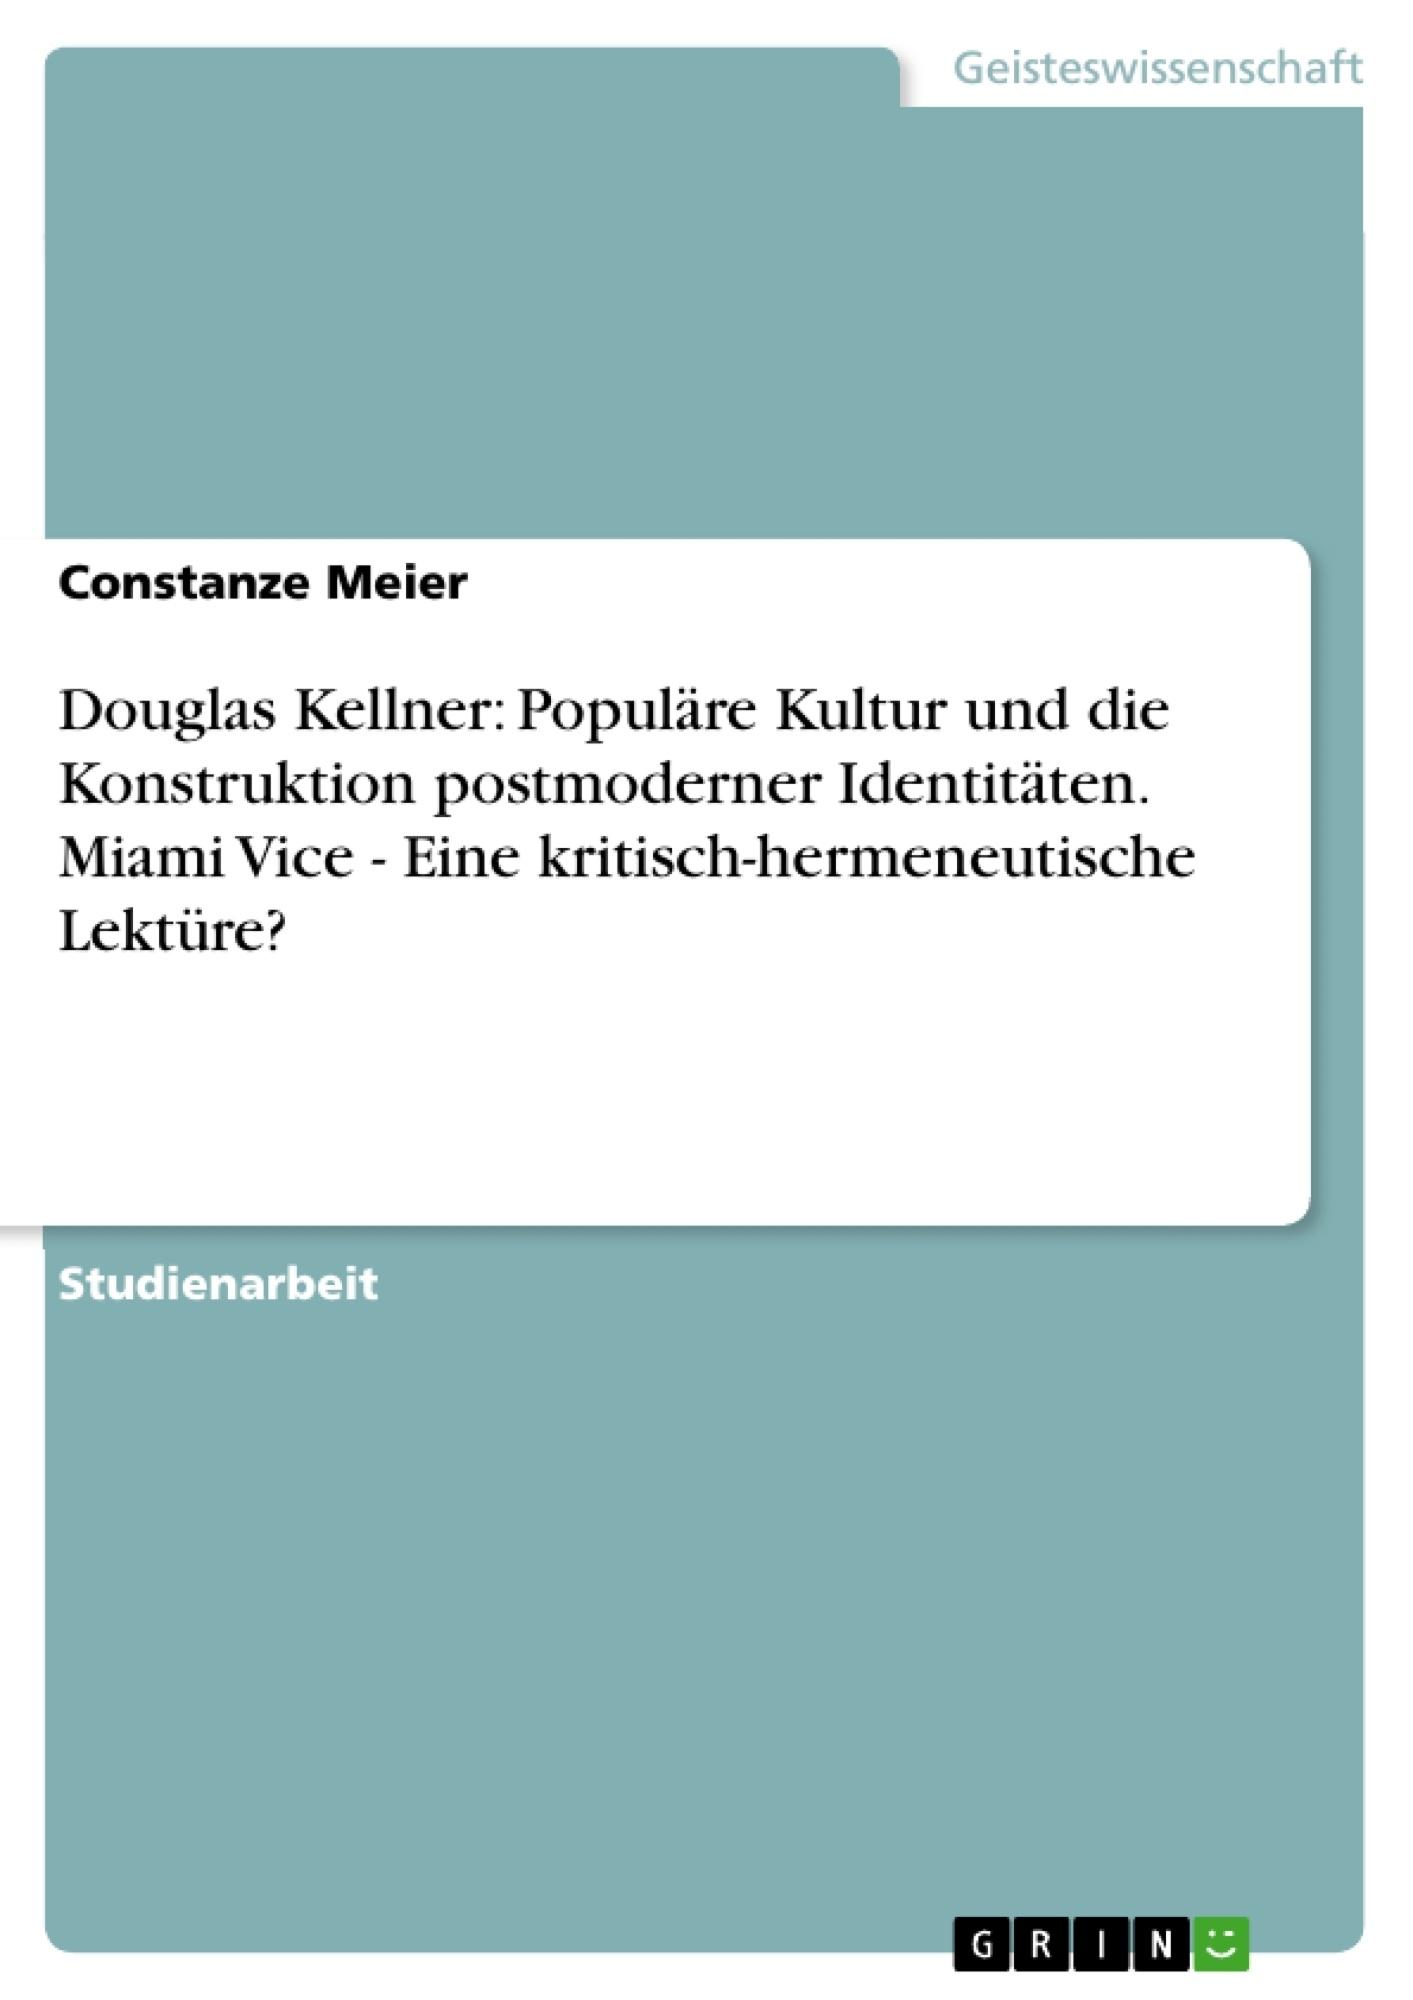 Titel: Douglas Kellner: Populäre Kultur und die Konstruktion postmoderner Identitäten. Miami Vice - Eine kritisch-hermeneutische Lektüre?